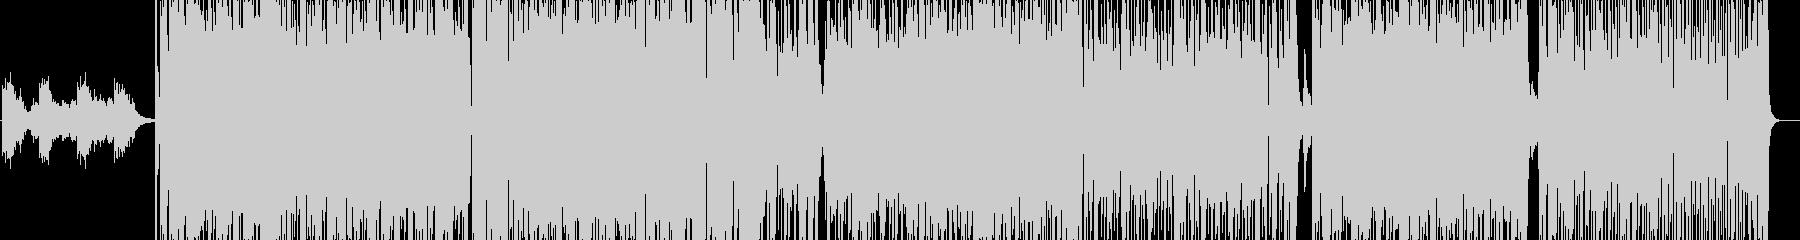 Sweet Kamehamehaの未再生の波形